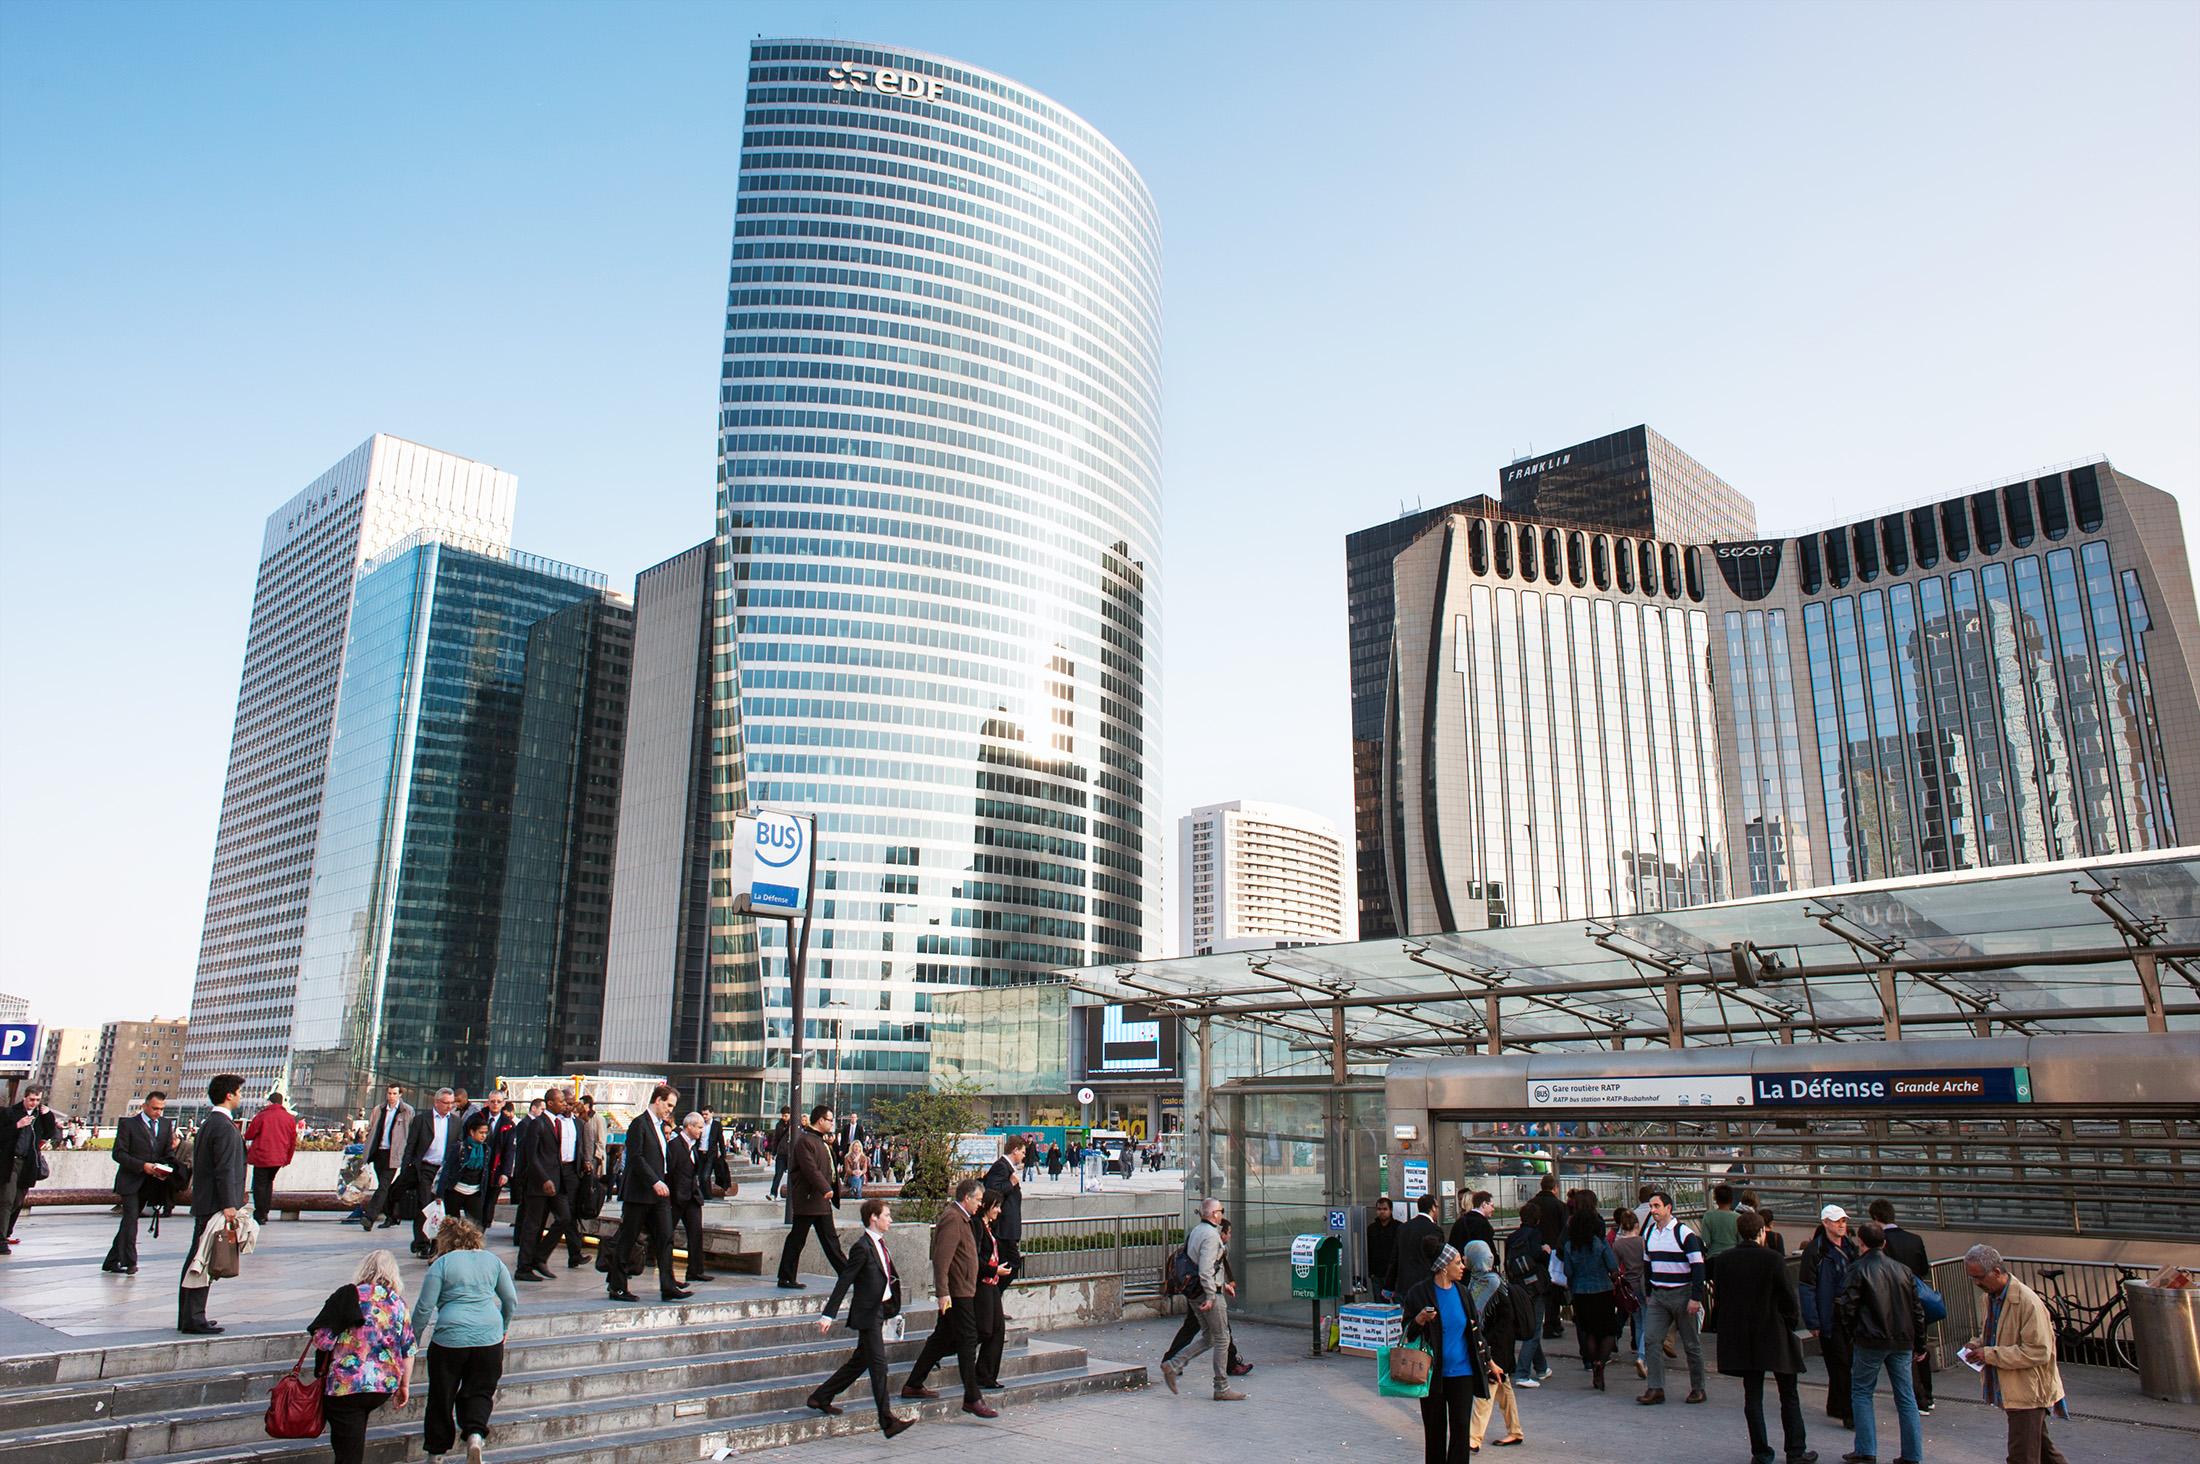 La Défense district